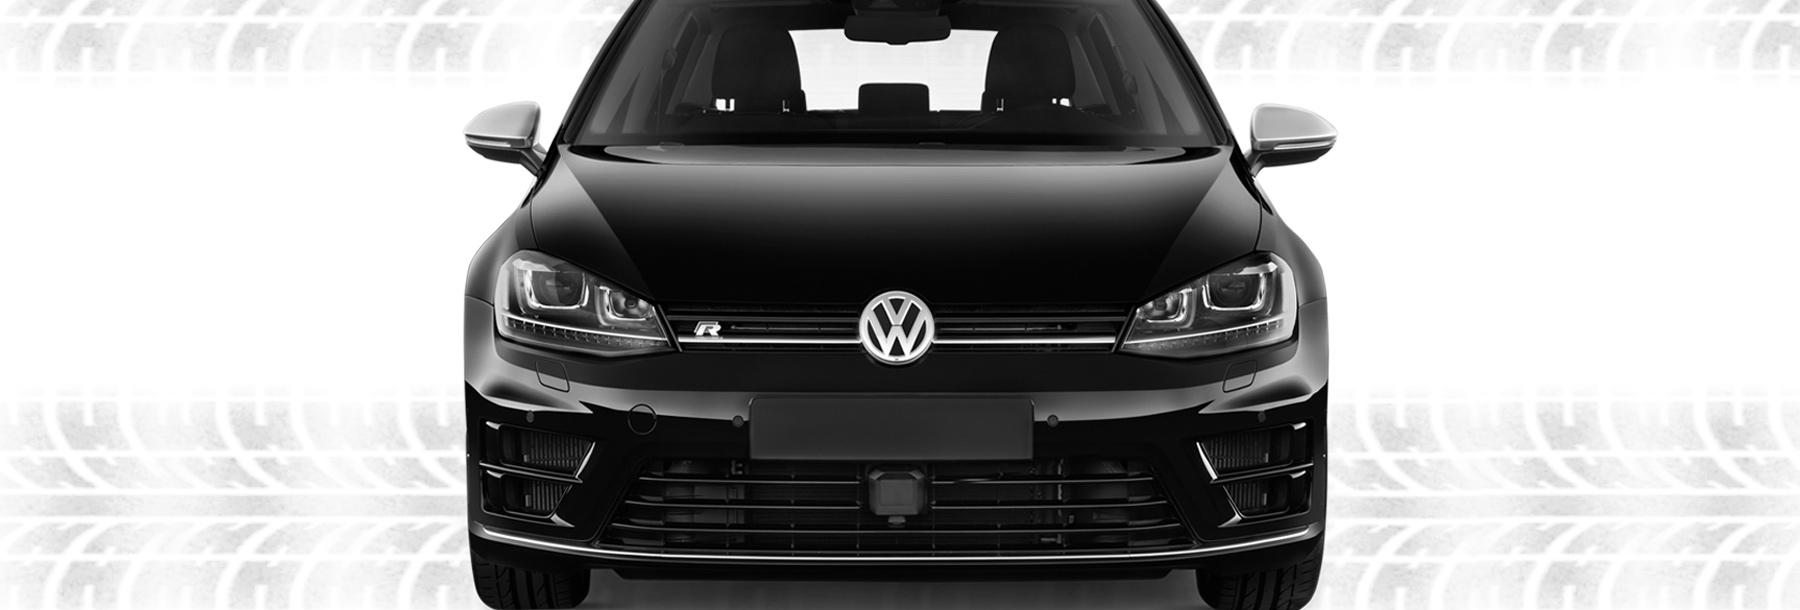 Wackers VW & Audi Specialist